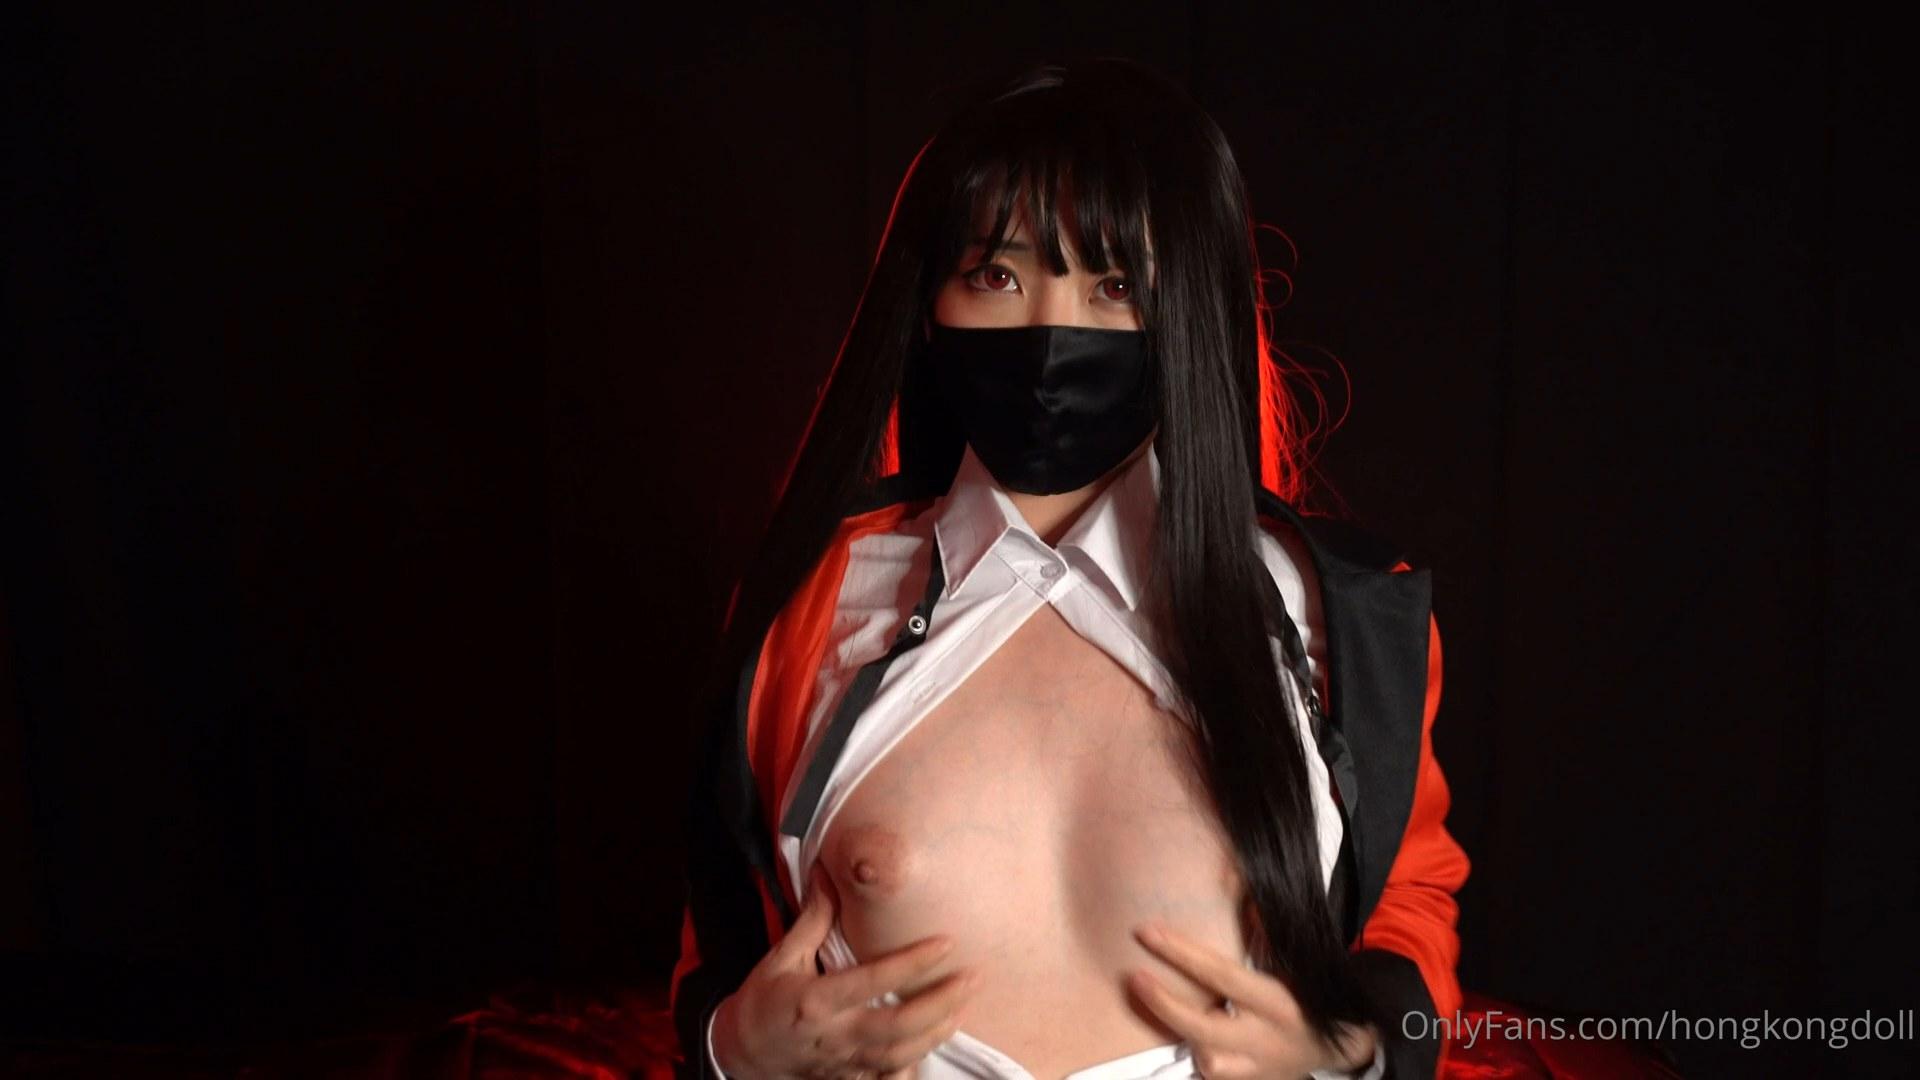 极品女神『香港美少女』JK蛇喰梦子的陨落,未尝一败玩骰子输后成了性奴,结局意想不到高清 公共场所露出-第5张